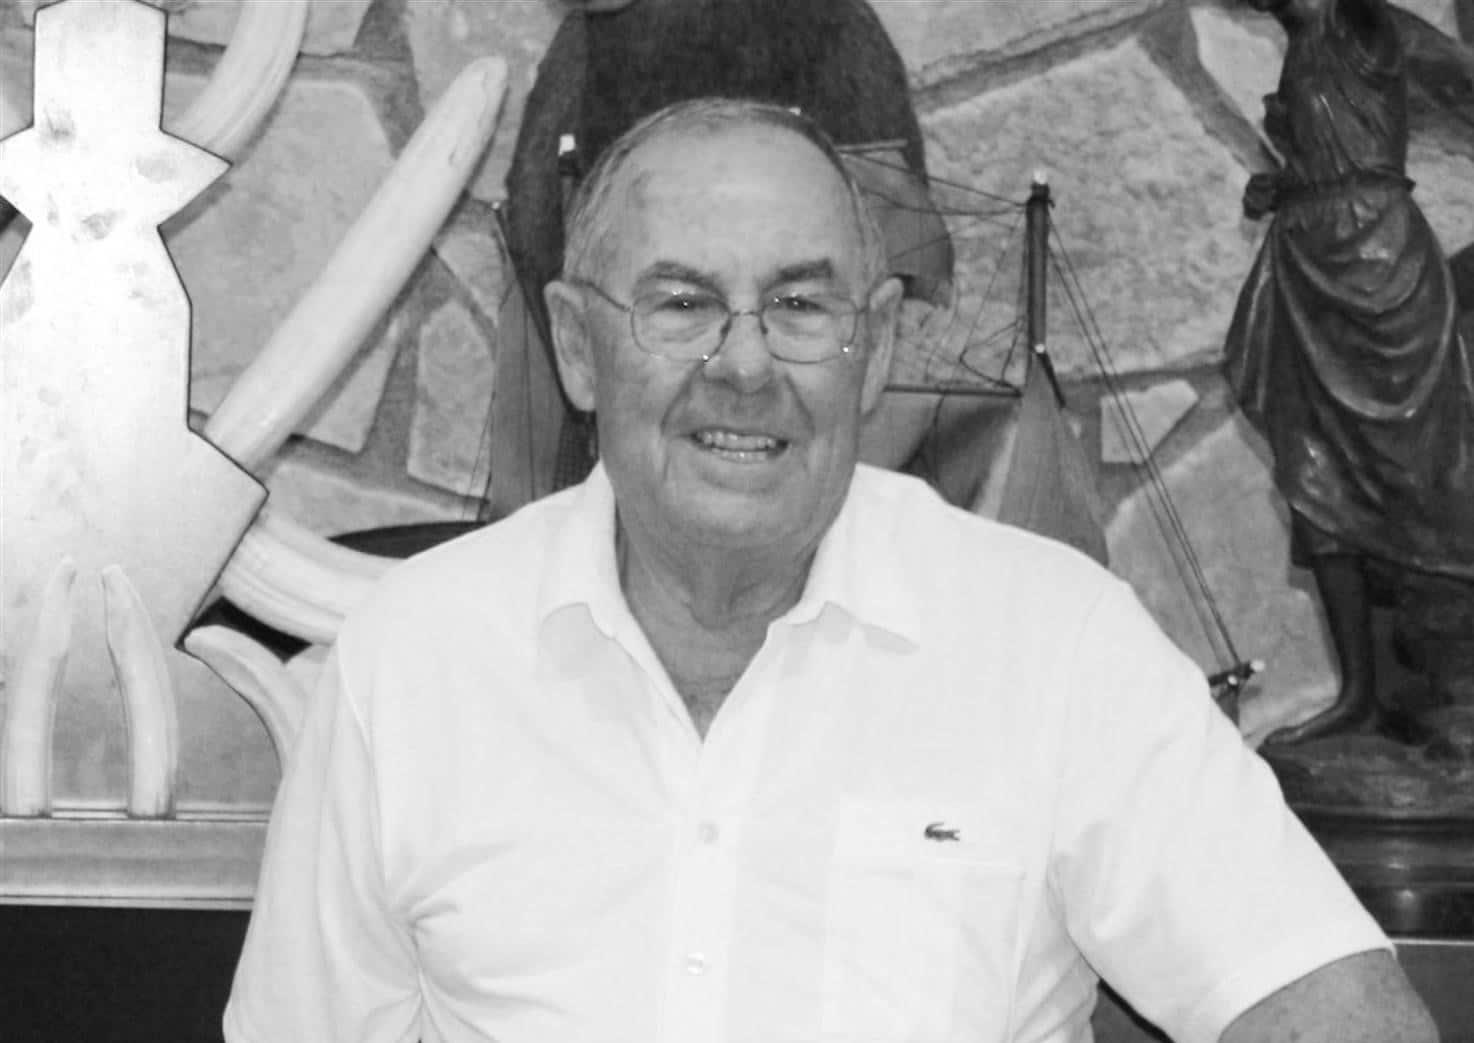 Fallece fundador zapatillas Paredes